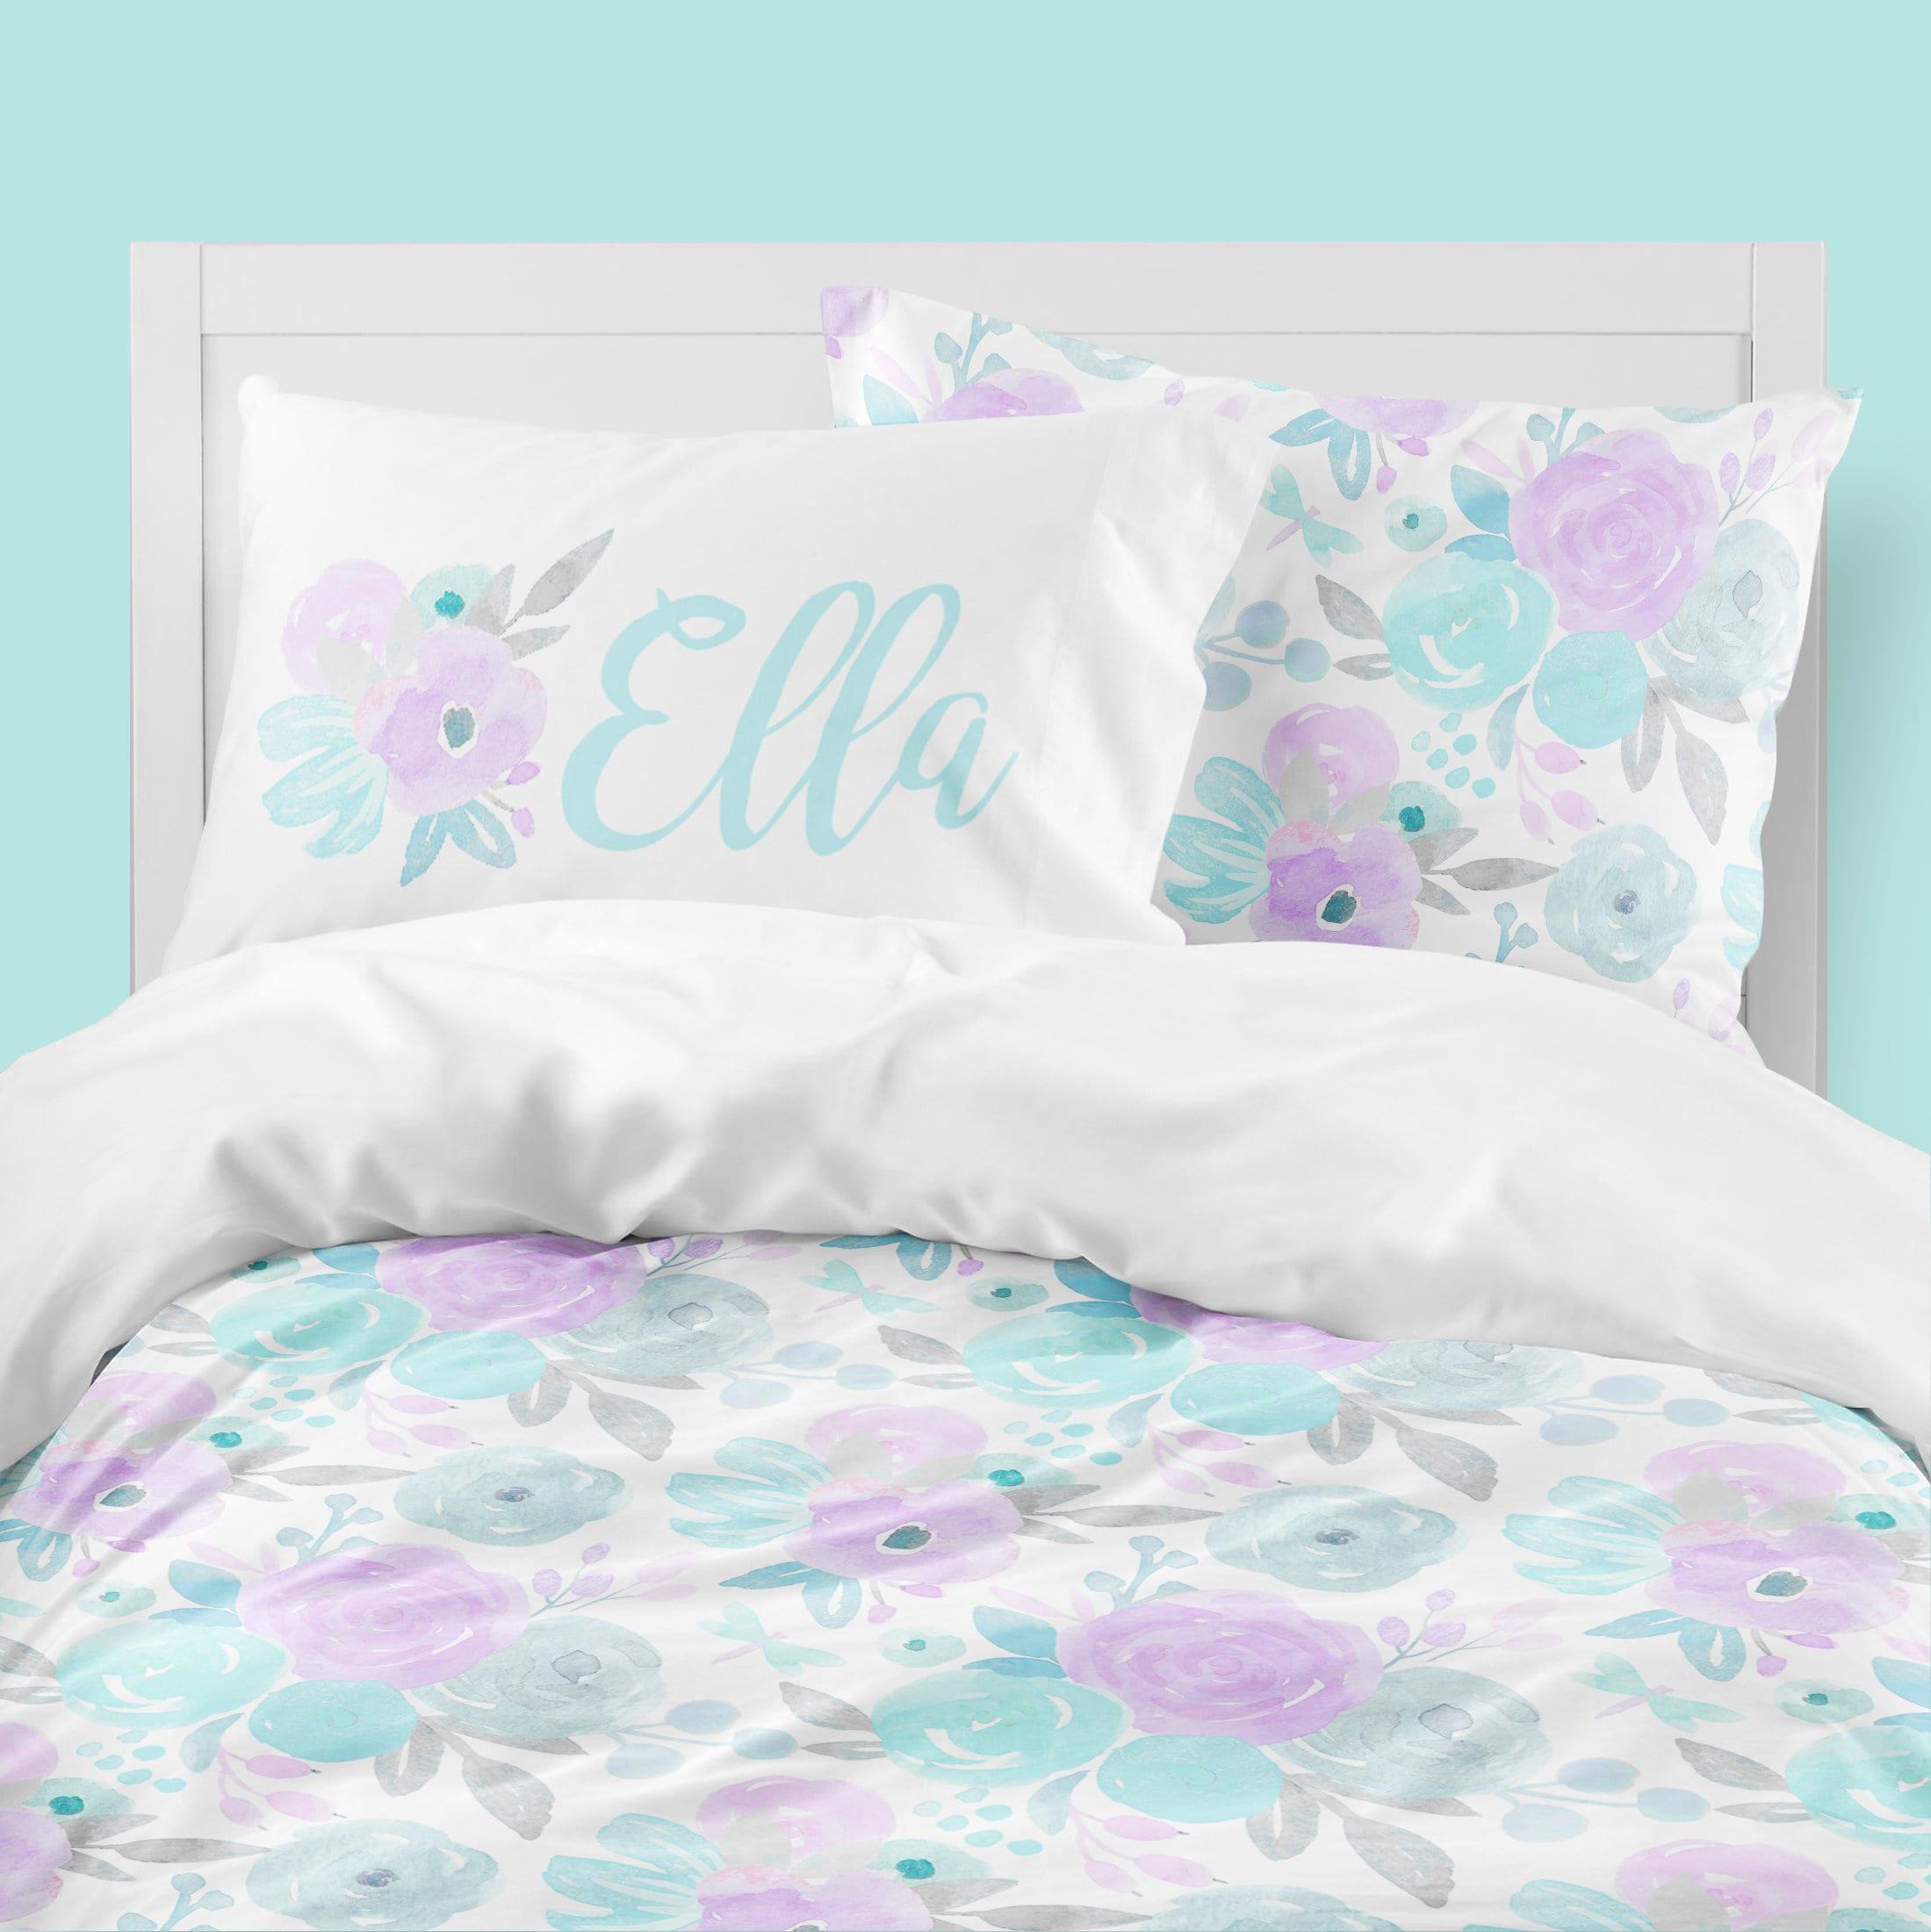 Floral Bedding Set Duvet Cover Comforter Girls Room Etsy